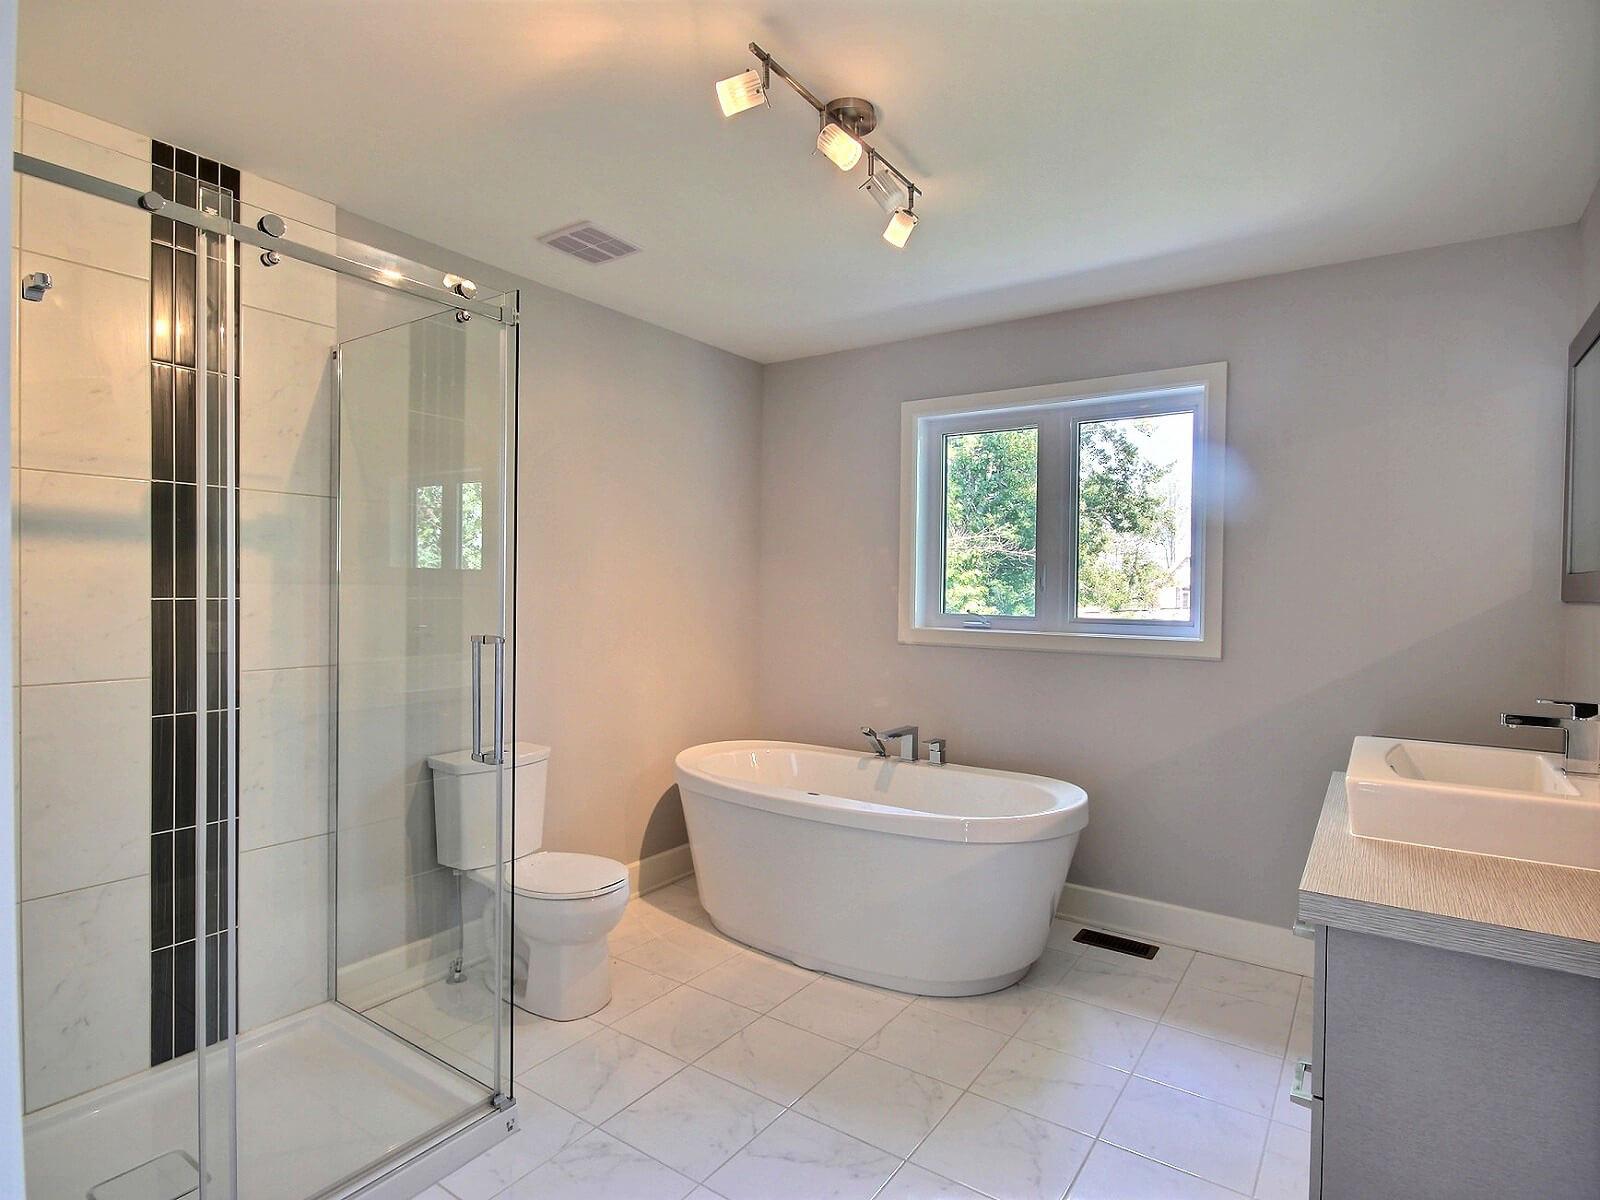 salle de bain boisé côte saint-louis construction neuve projet immobilier rive nord